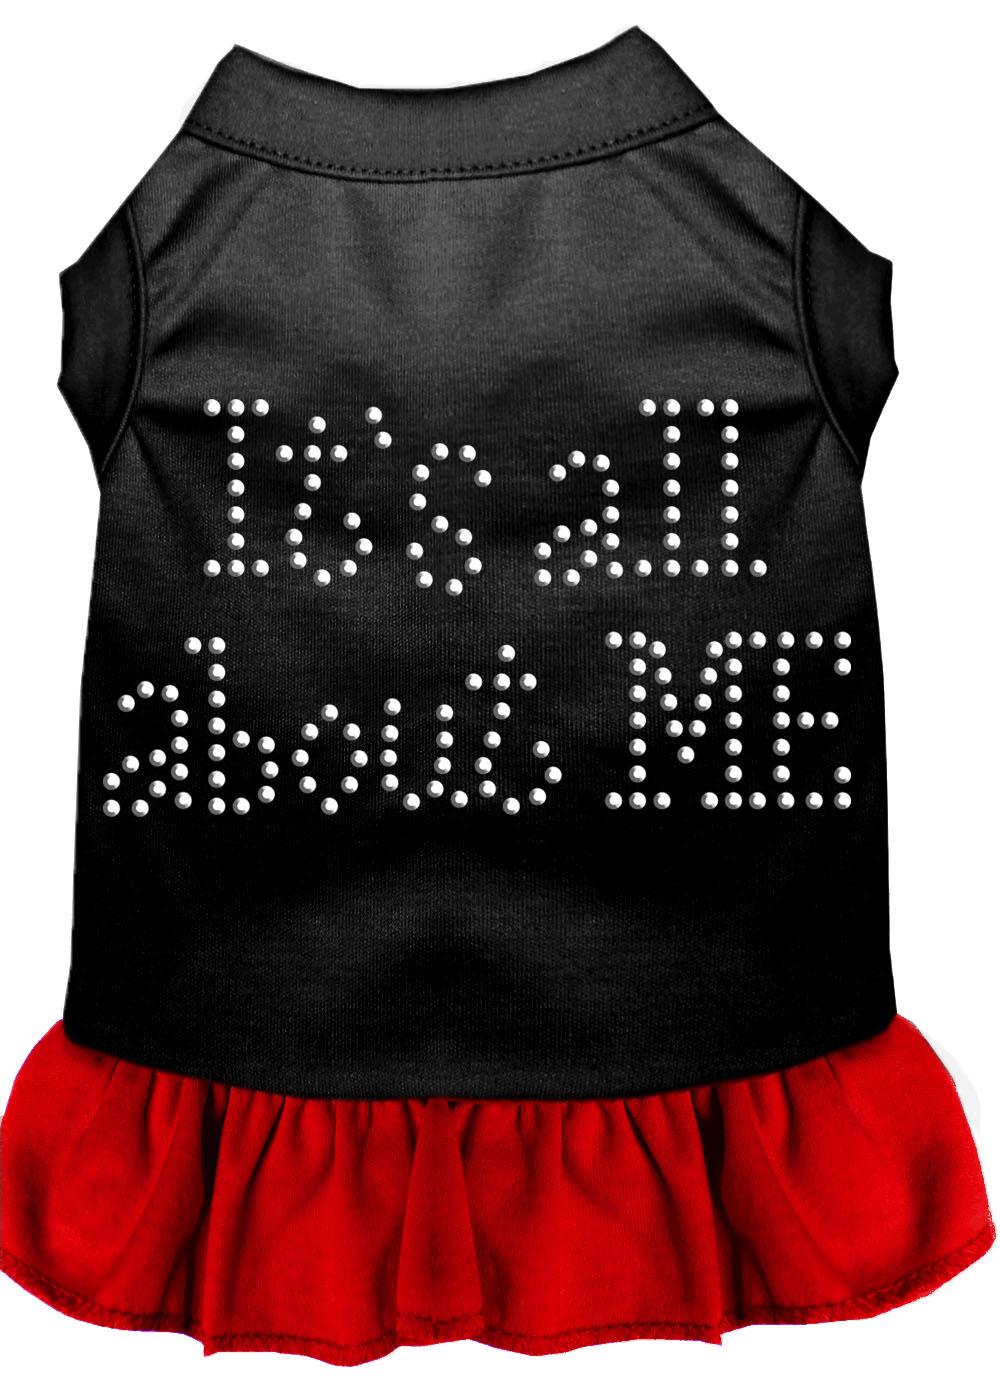 Rhinestone all about me dress black with red xxl 18 for Xxl 18 xxl 2012 black